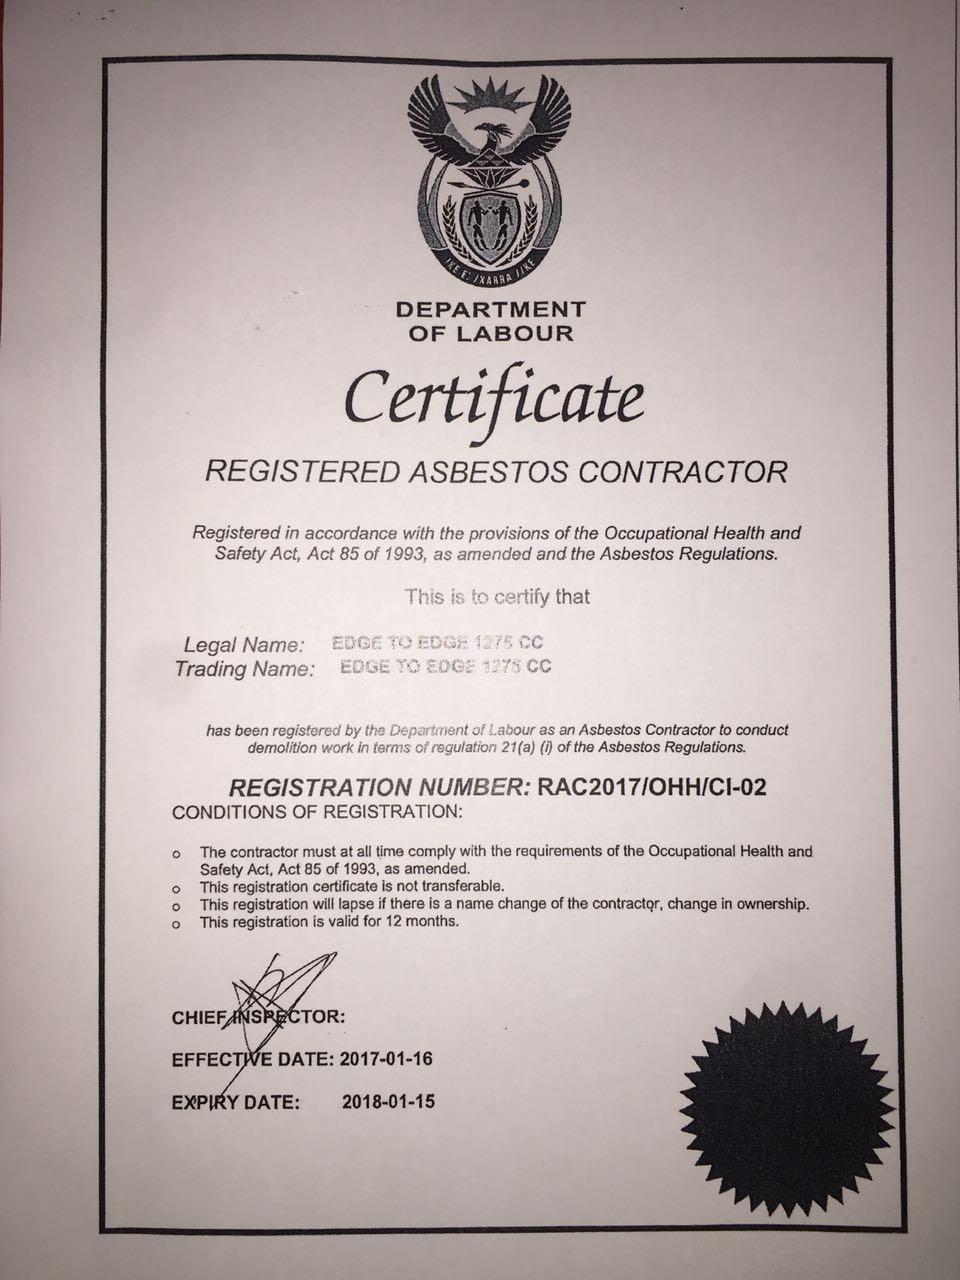 Registered Asbestos Contractor